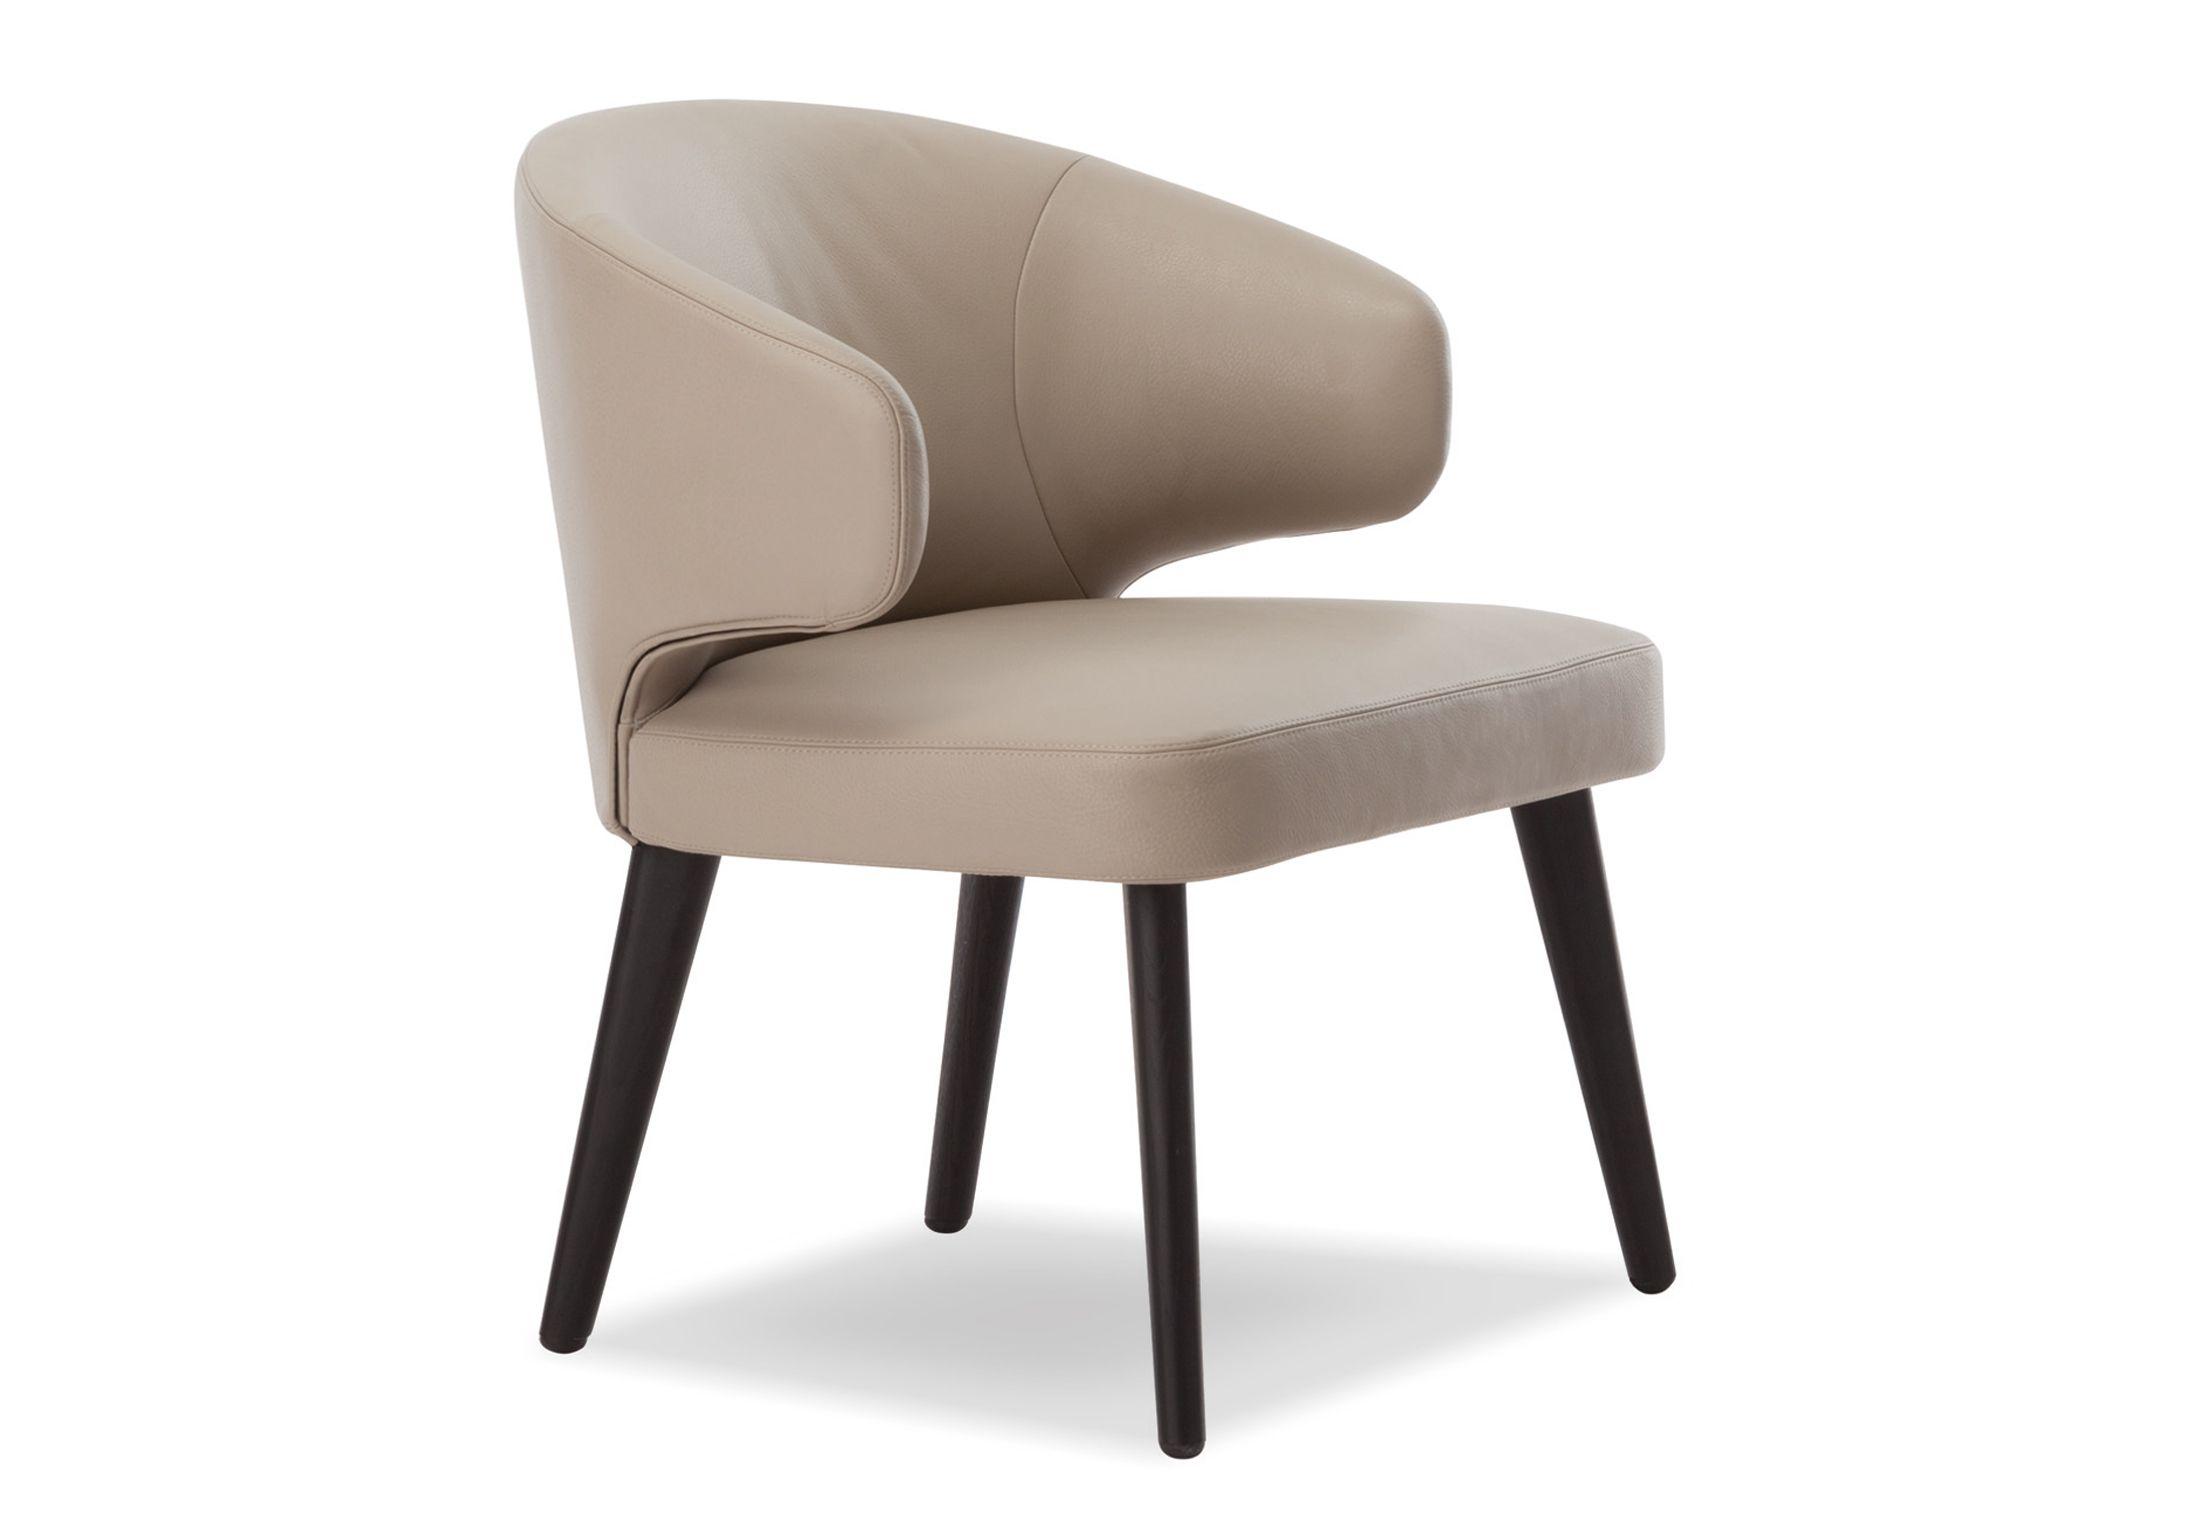 Designer Stühle aston lounge mit armlehne designer stühle minotti